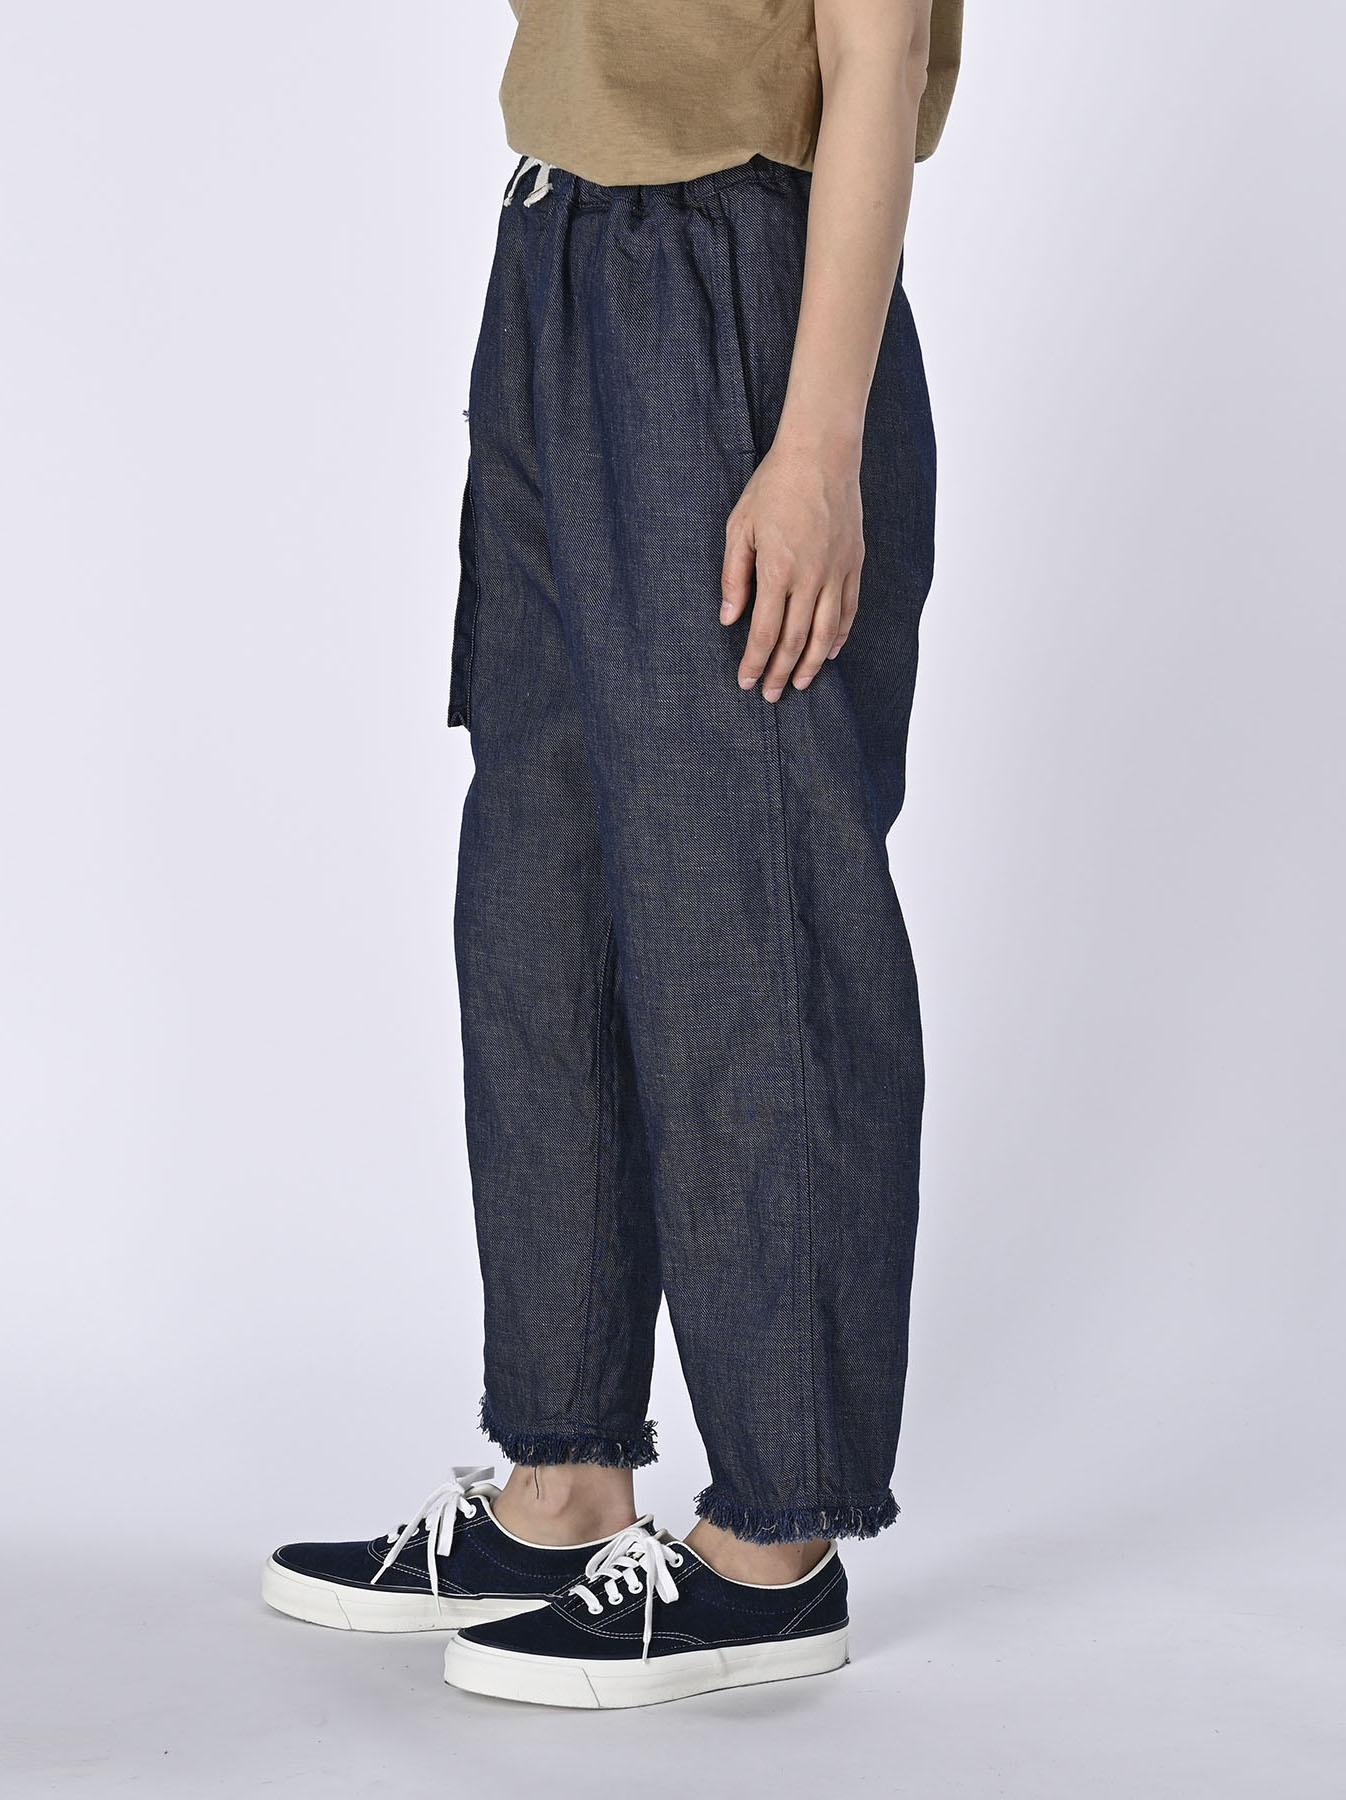 Indigo Cotton Linen Zakkuri Denim Easy Pants (0521)-4